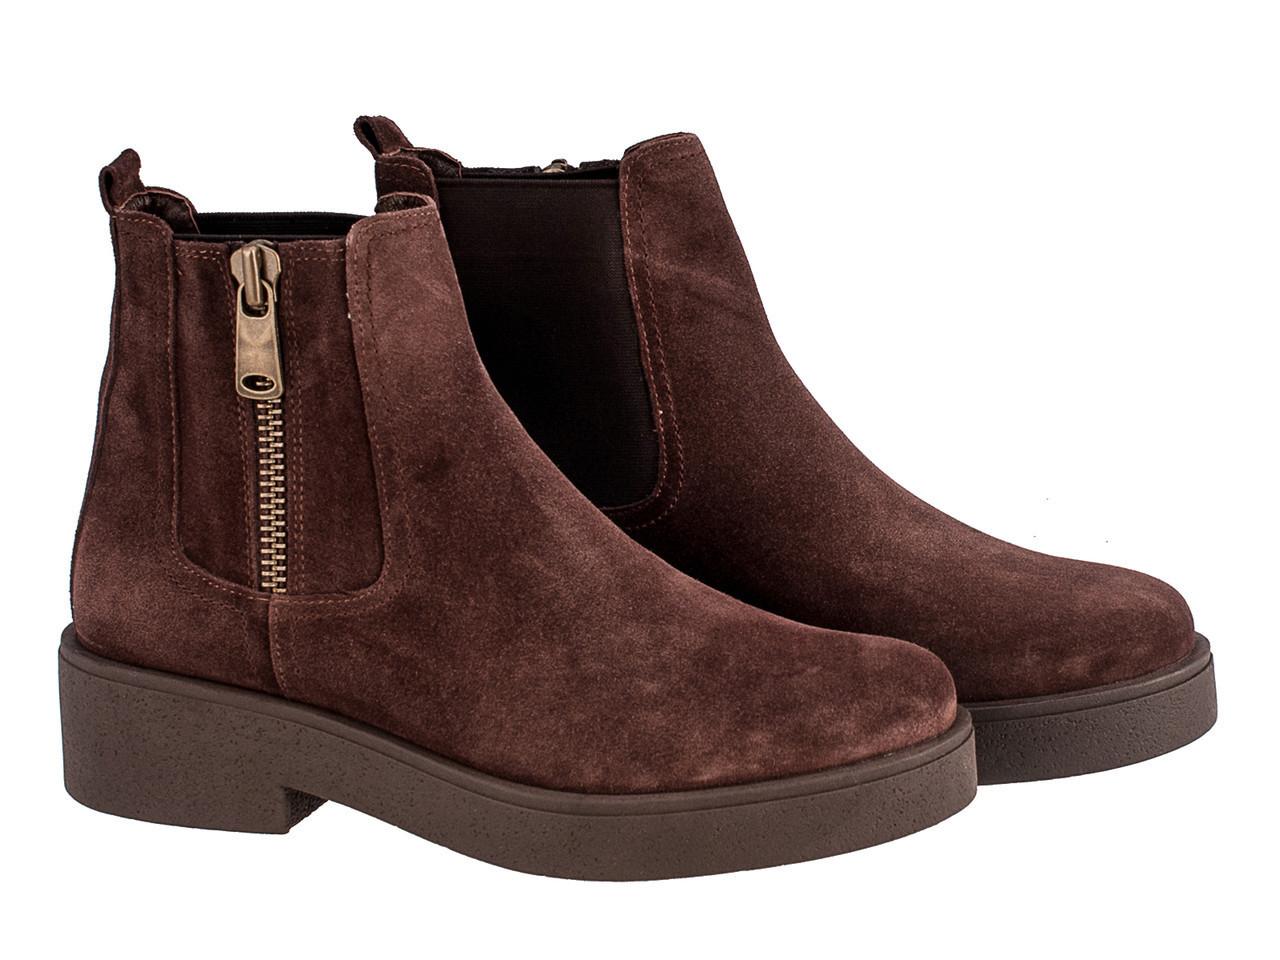 Ботинки Etor 5605-02140 39 коричневые